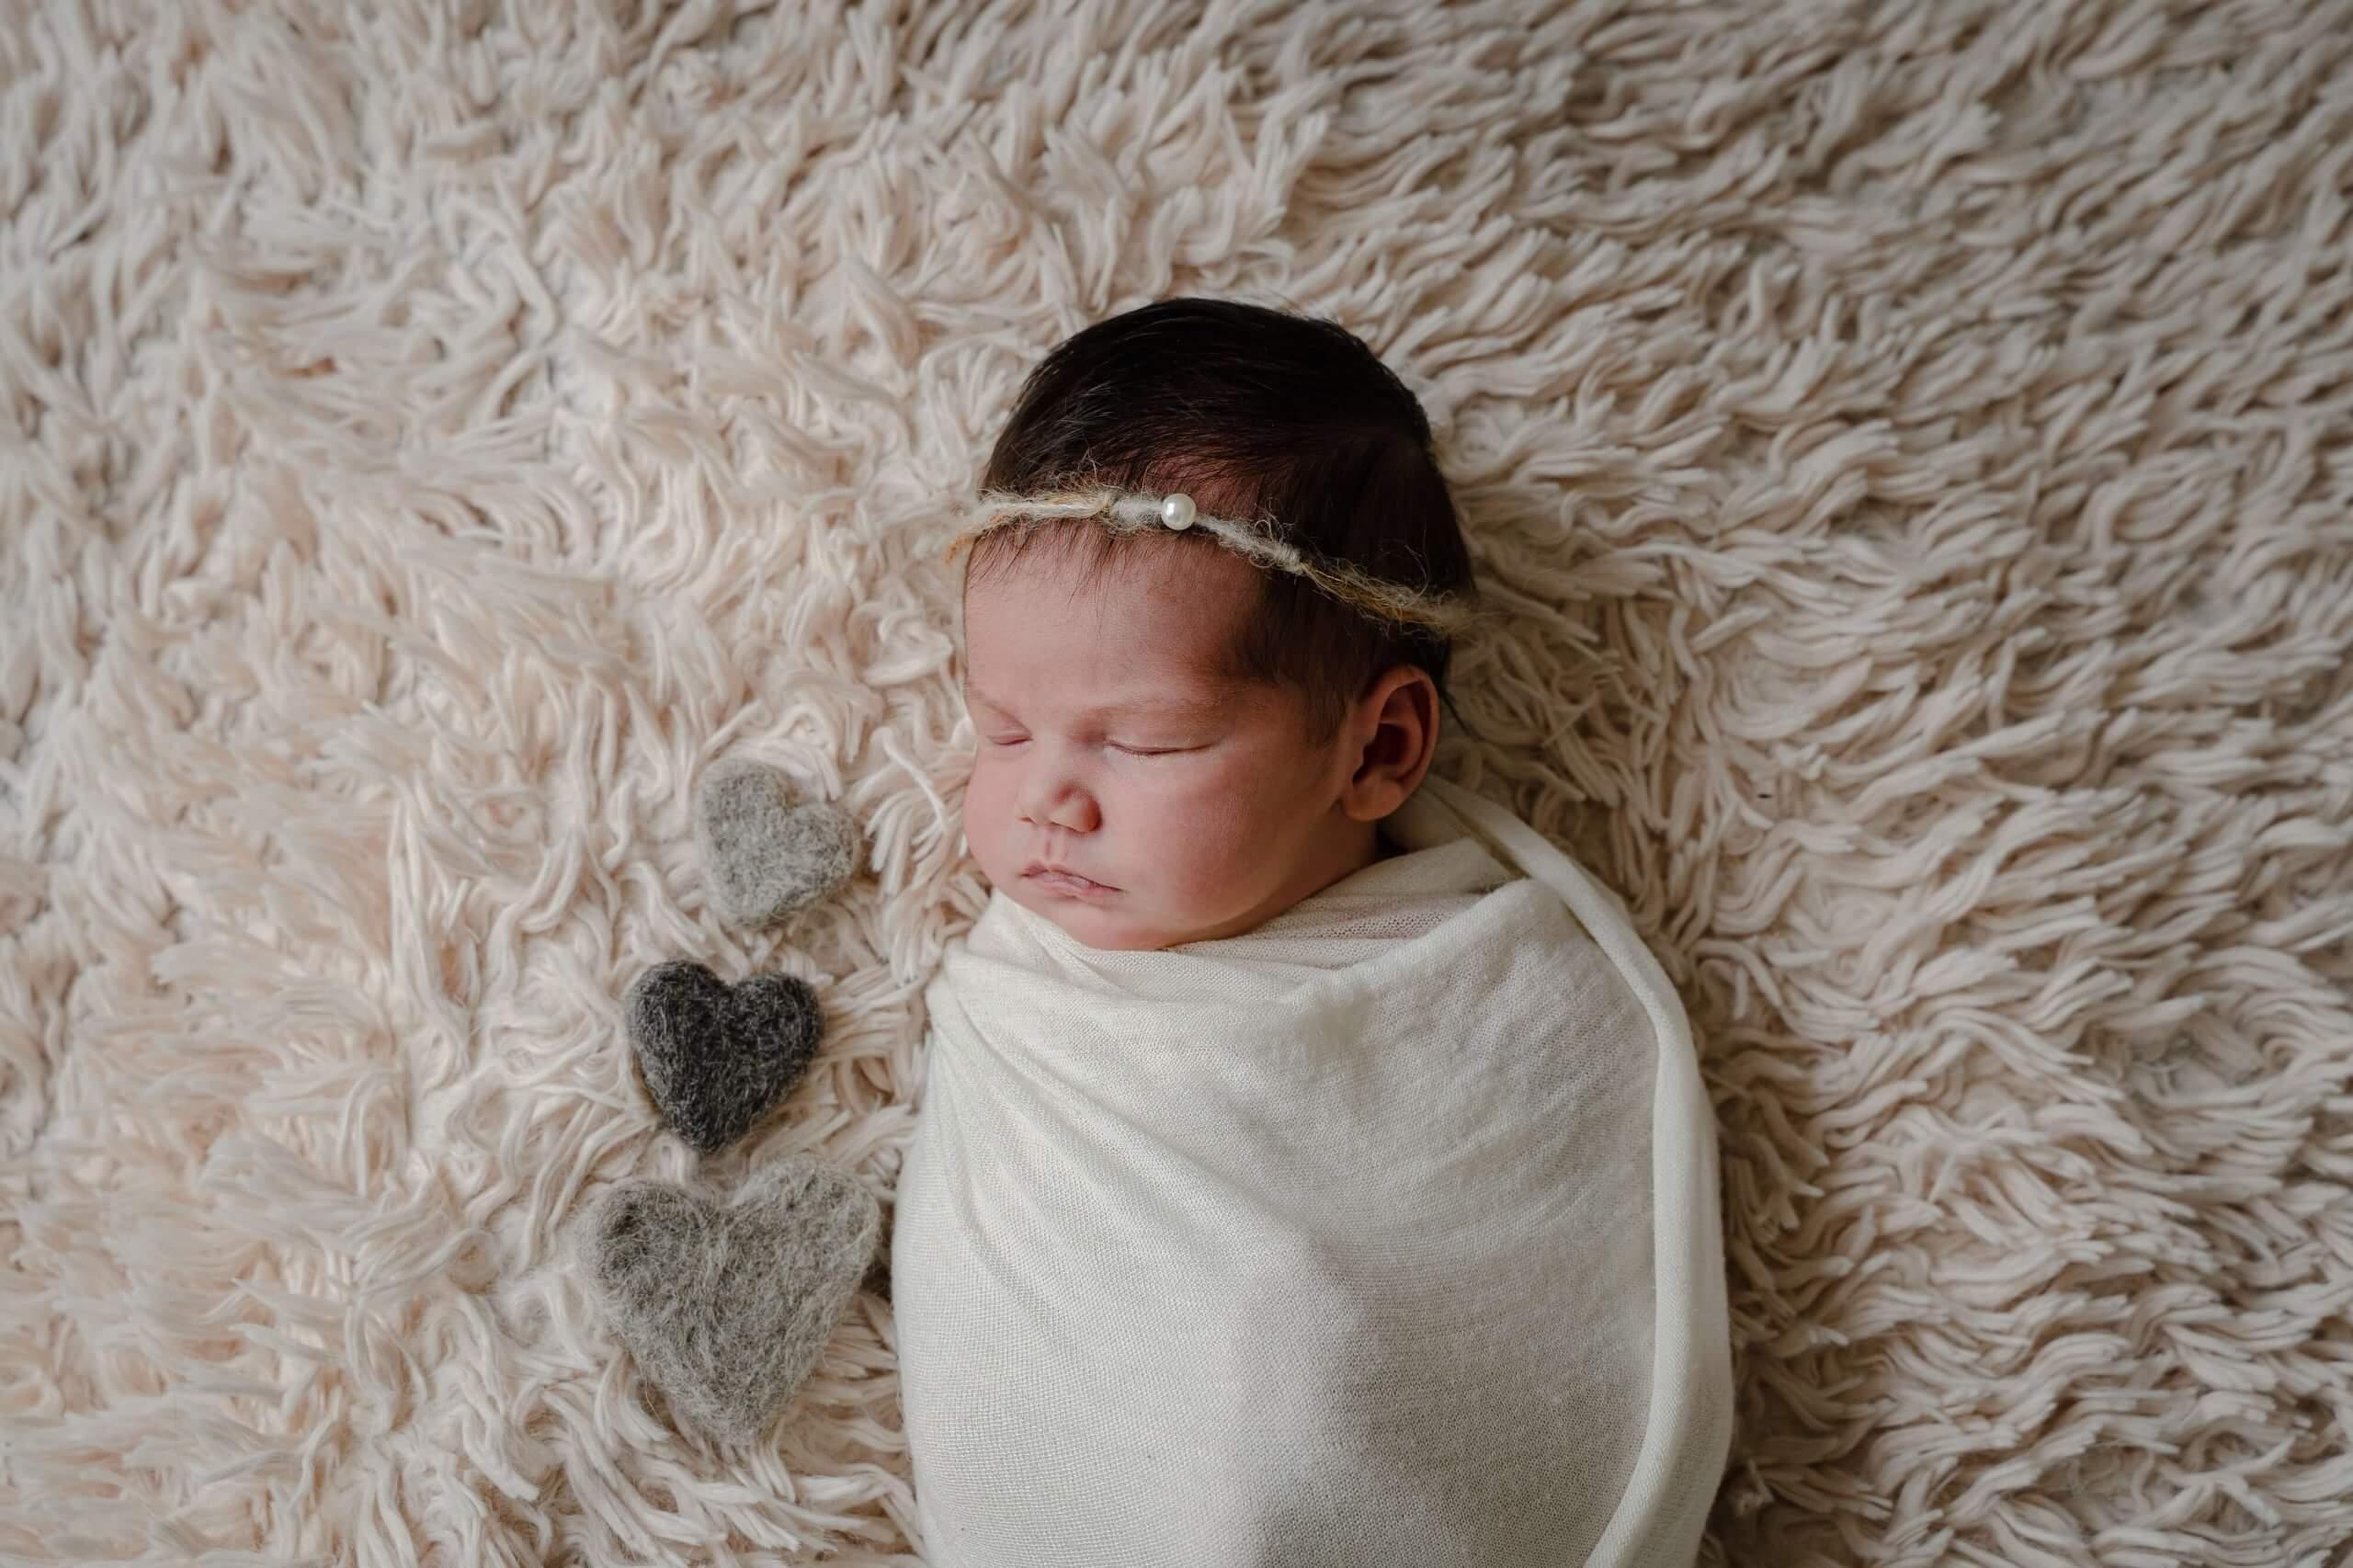 Newborn baby meisje slapen knuffel natuurlijk tinten lief bij je thuis